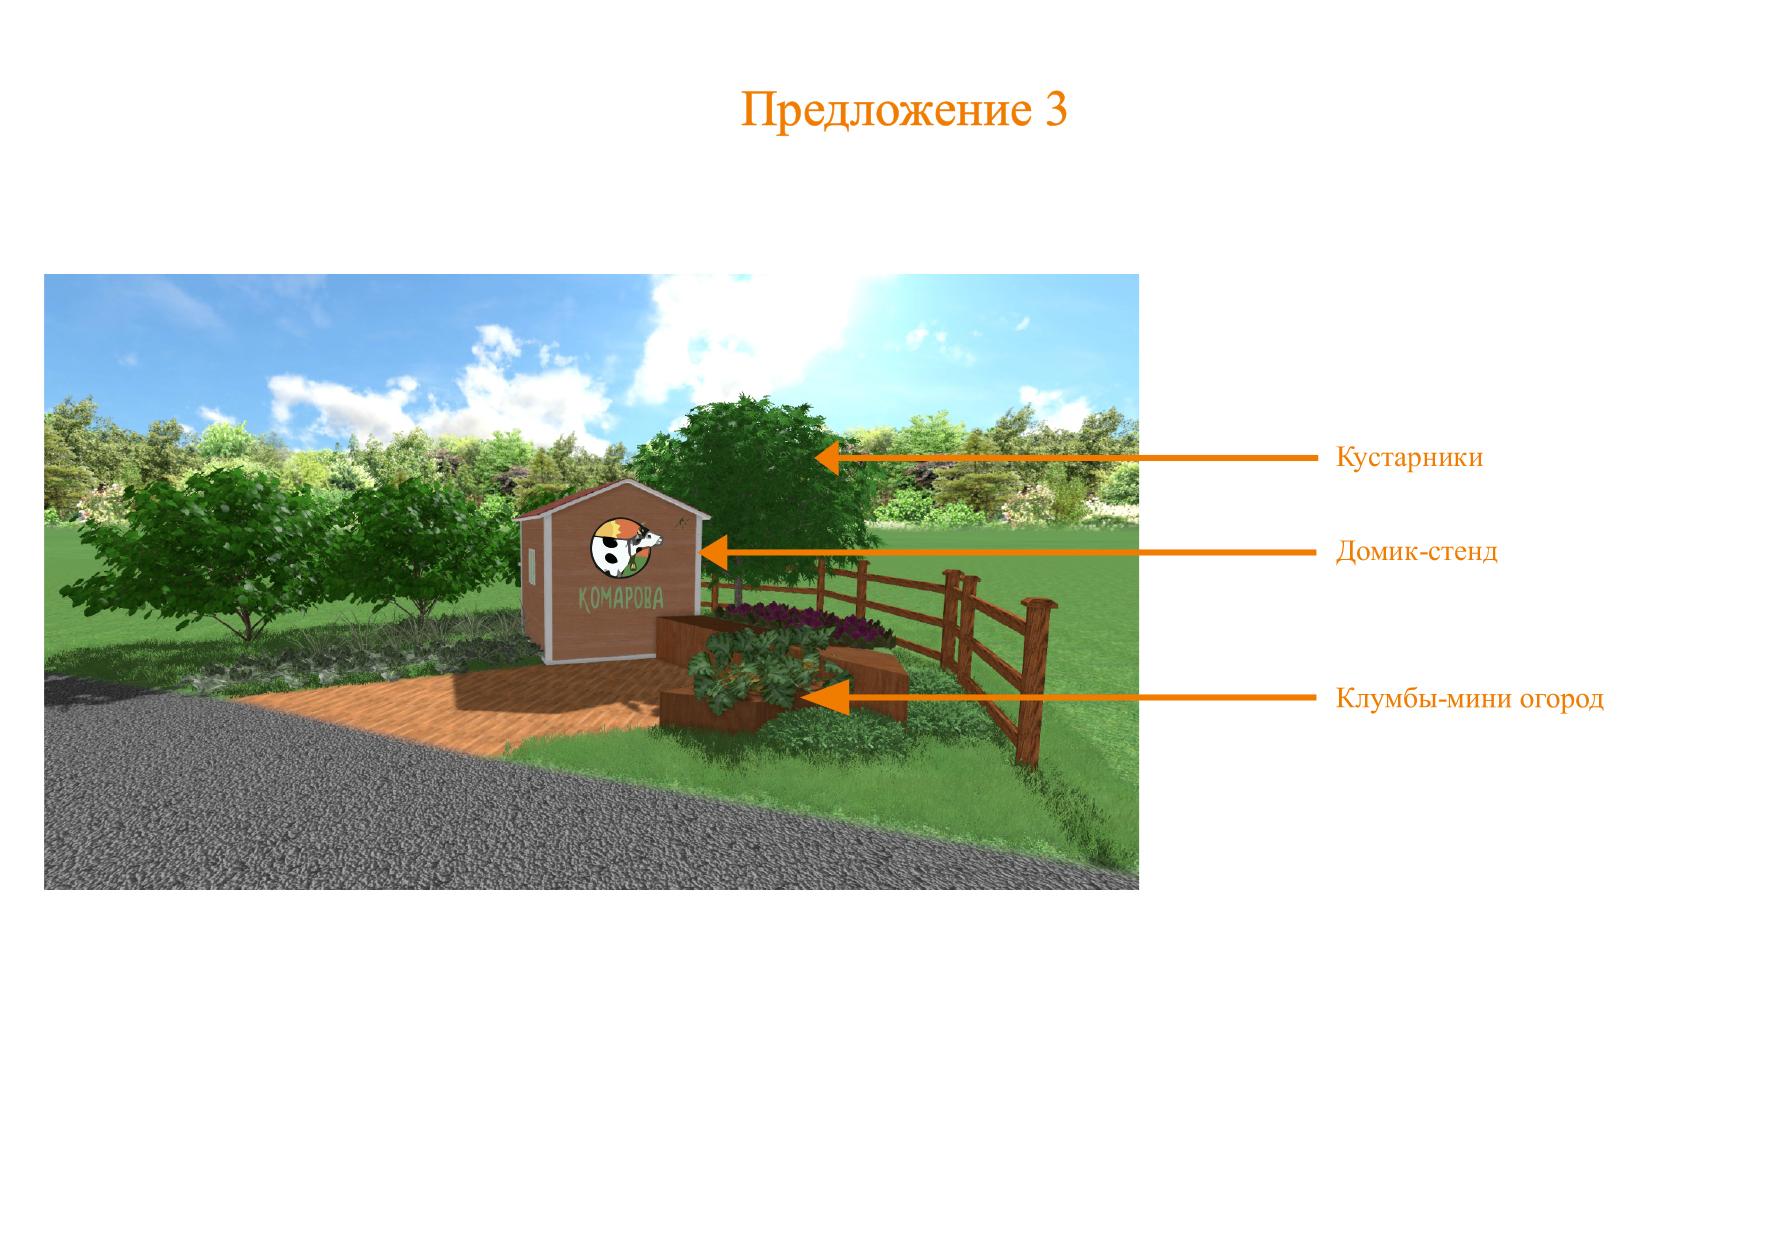 Проект по благоустройству  участка дворовой территории фото f_5895bc64d2e9d91e.jpg